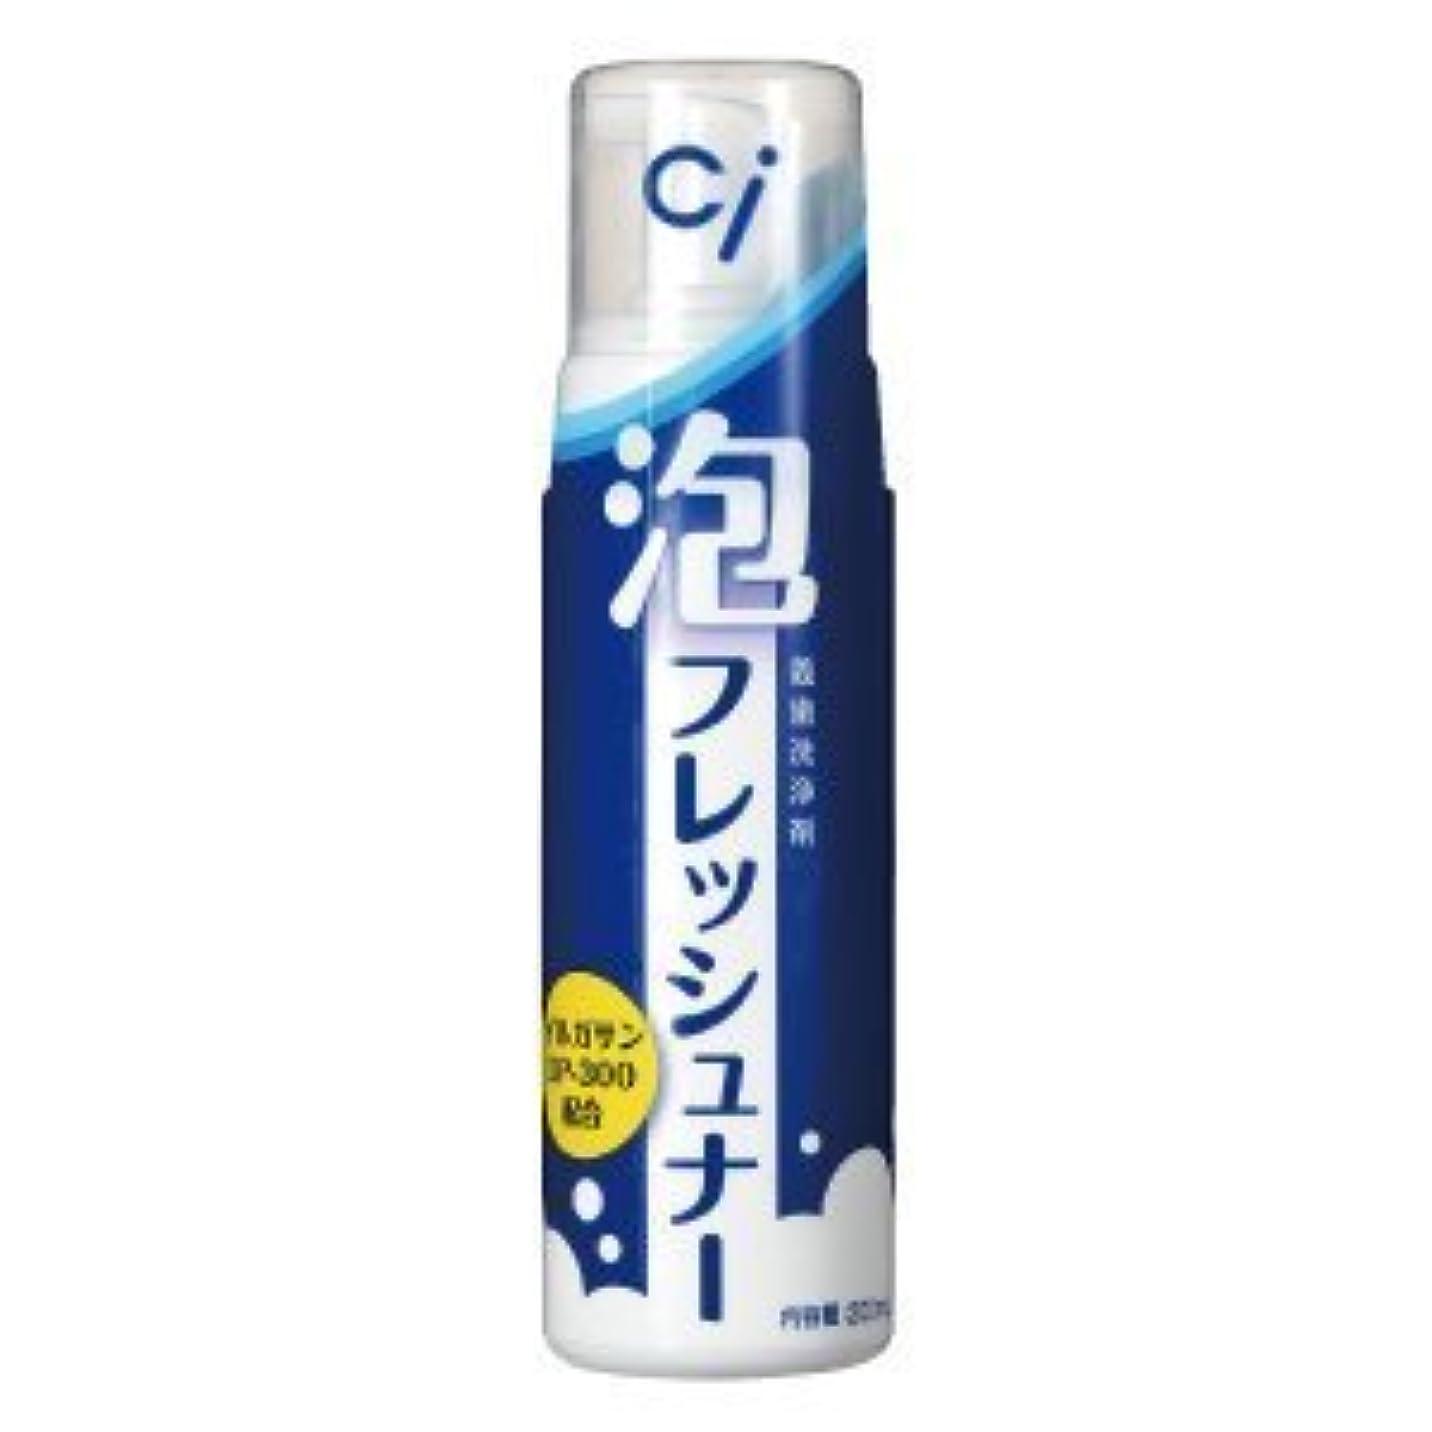 締める指導する外交Ci 泡フレッシュナー 義歯洗浄剤 1本(200ml)